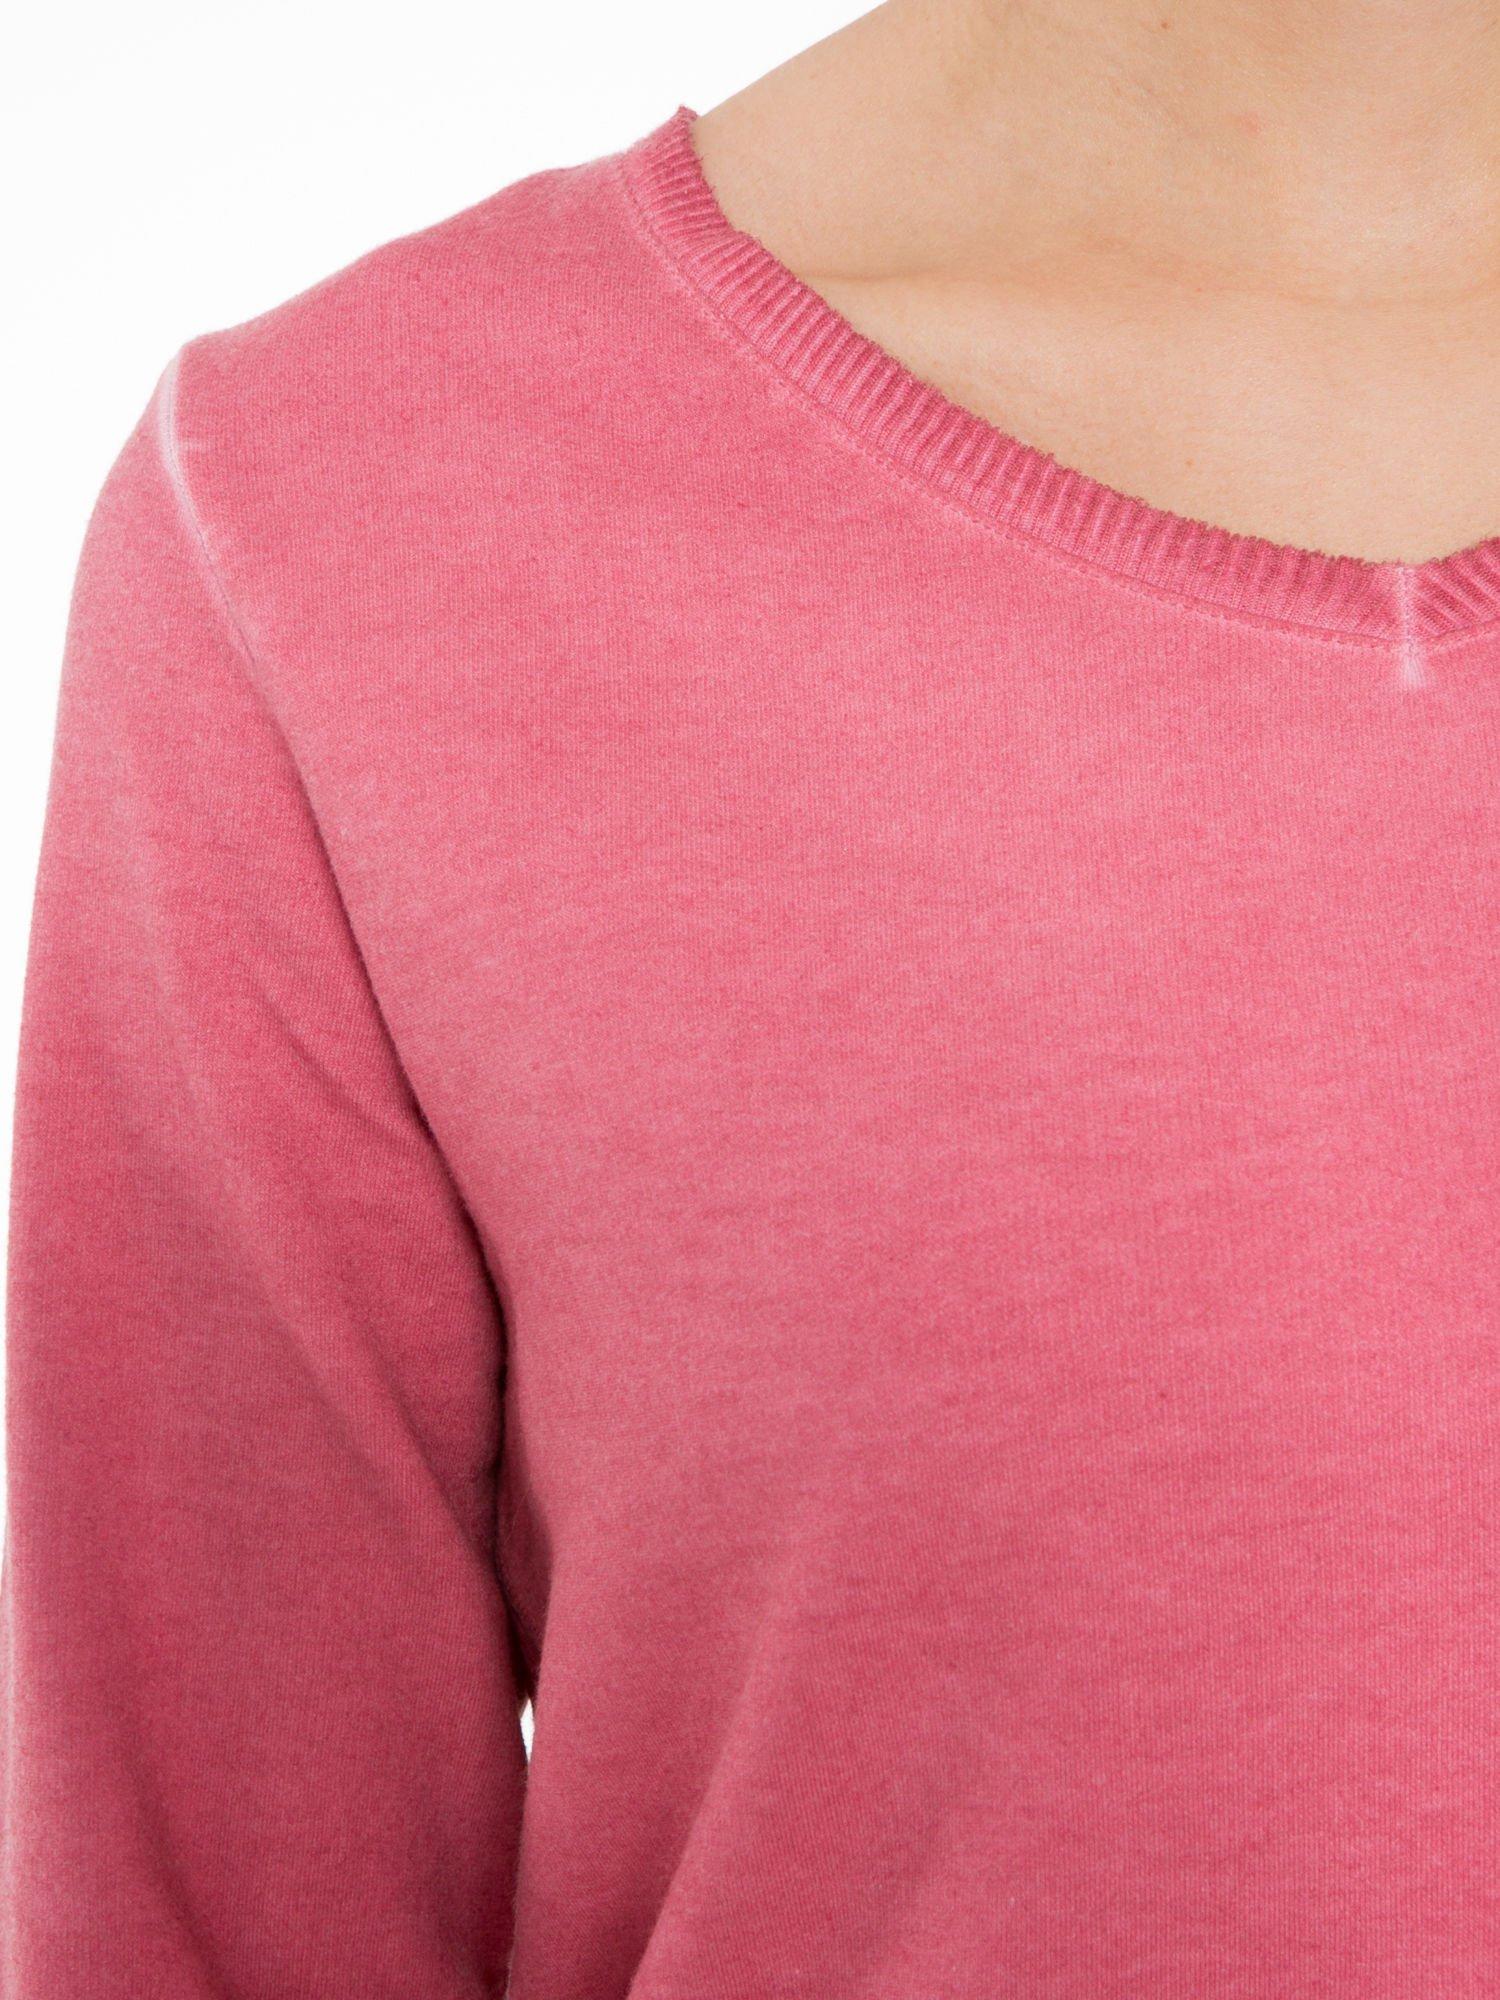 Ciemnoróżowa dresowa sukienkotunika z zaokrąglonym dołem                                  zdj.                                  5